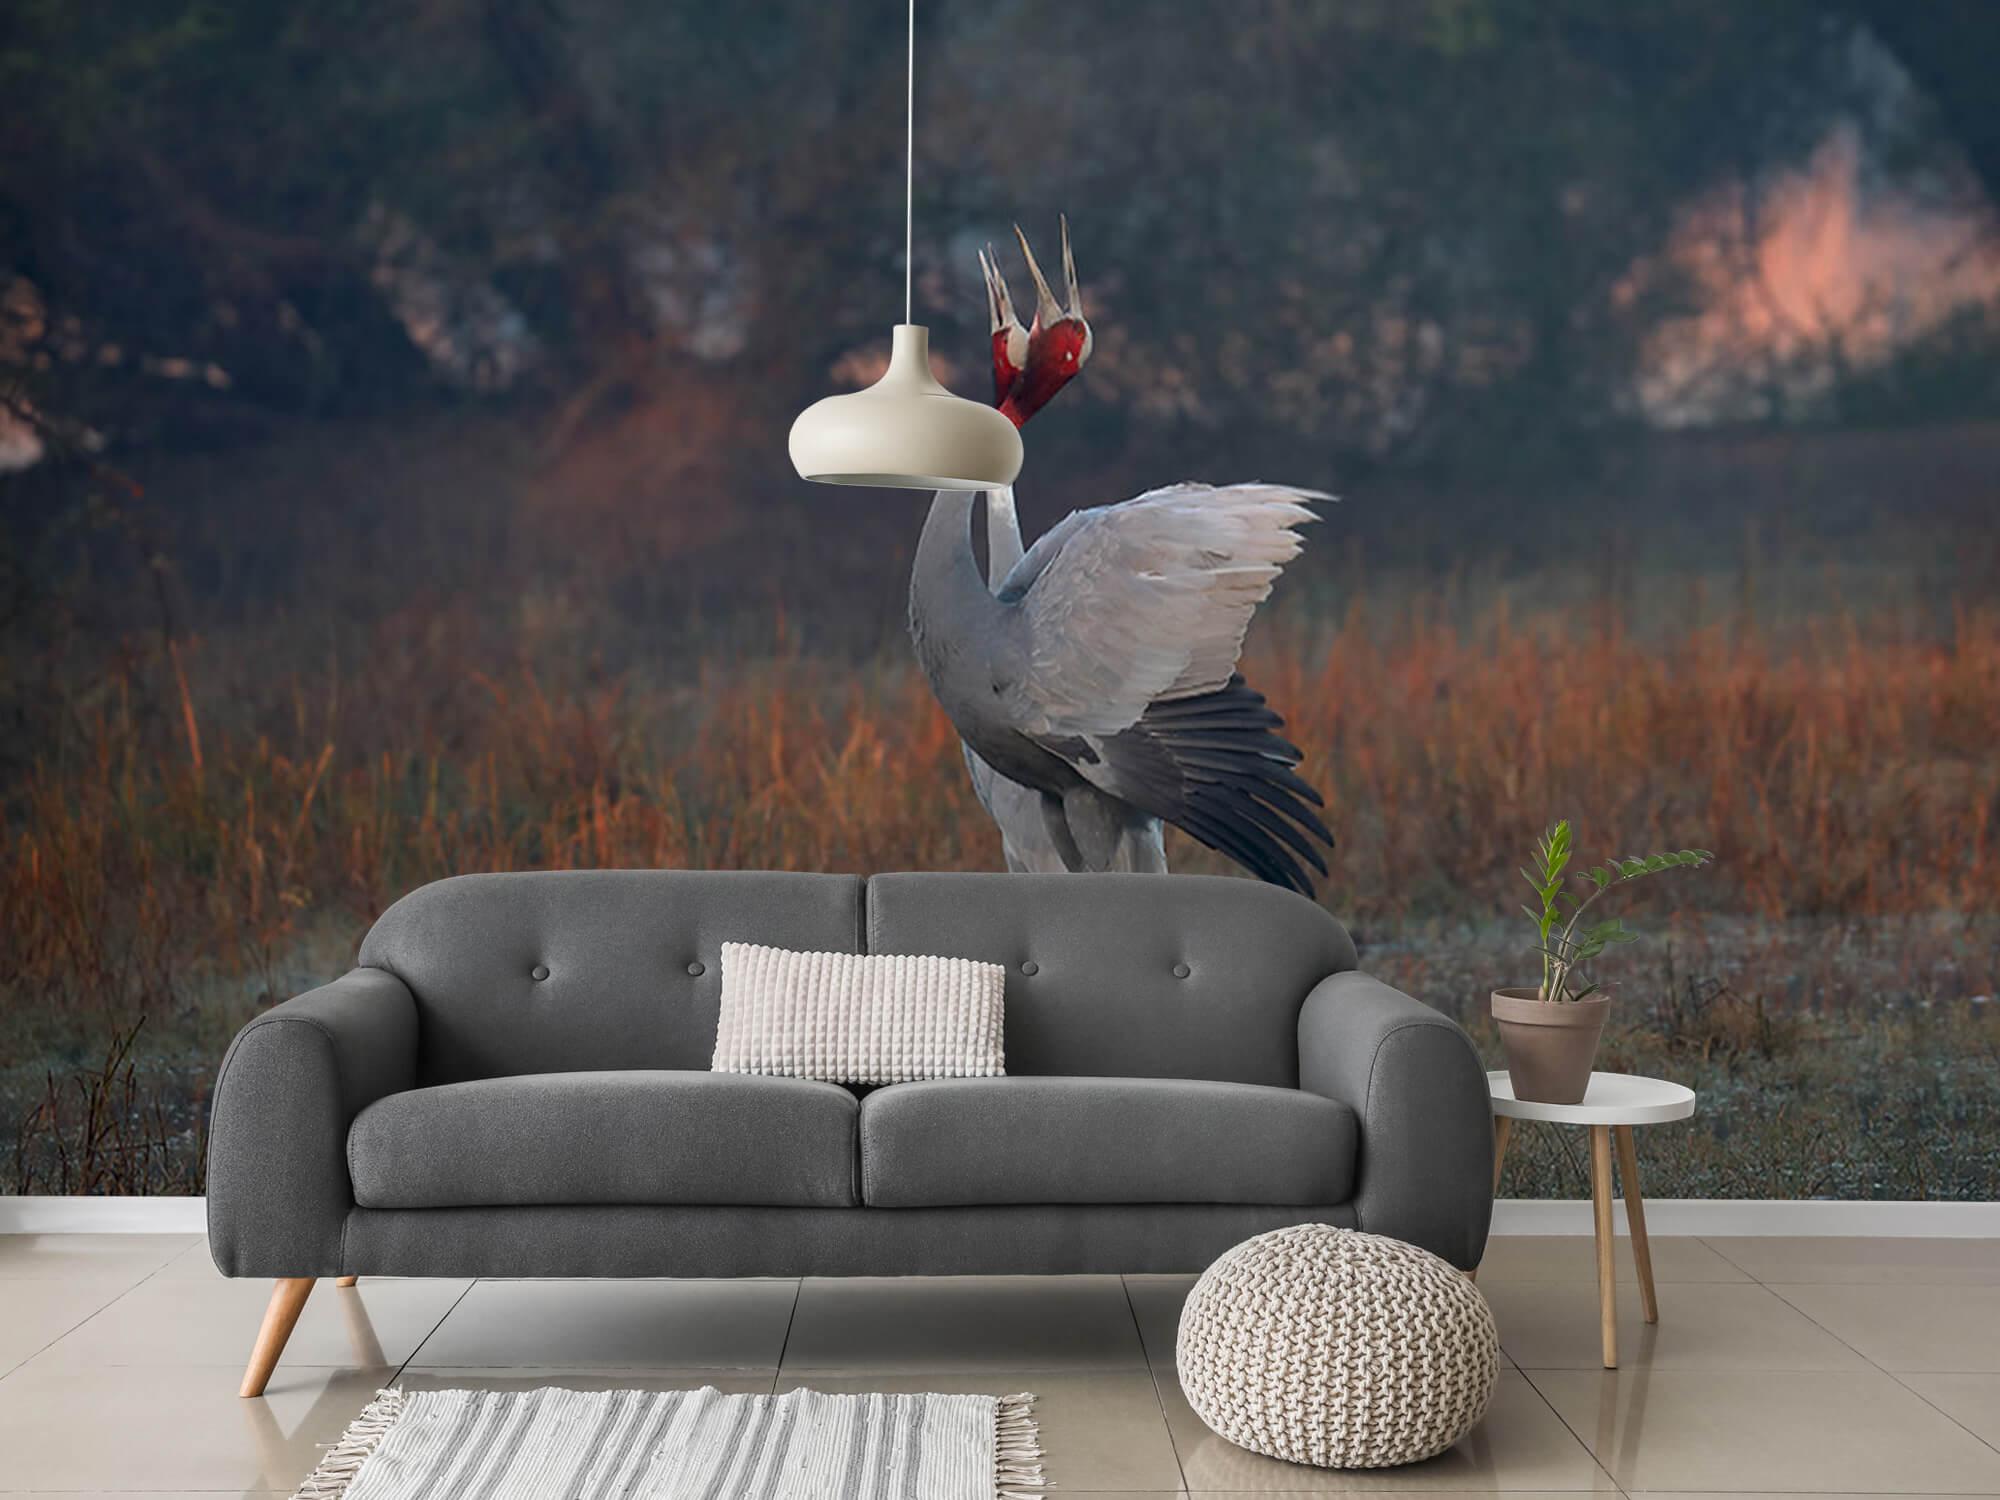 Kraanvogel stel 11